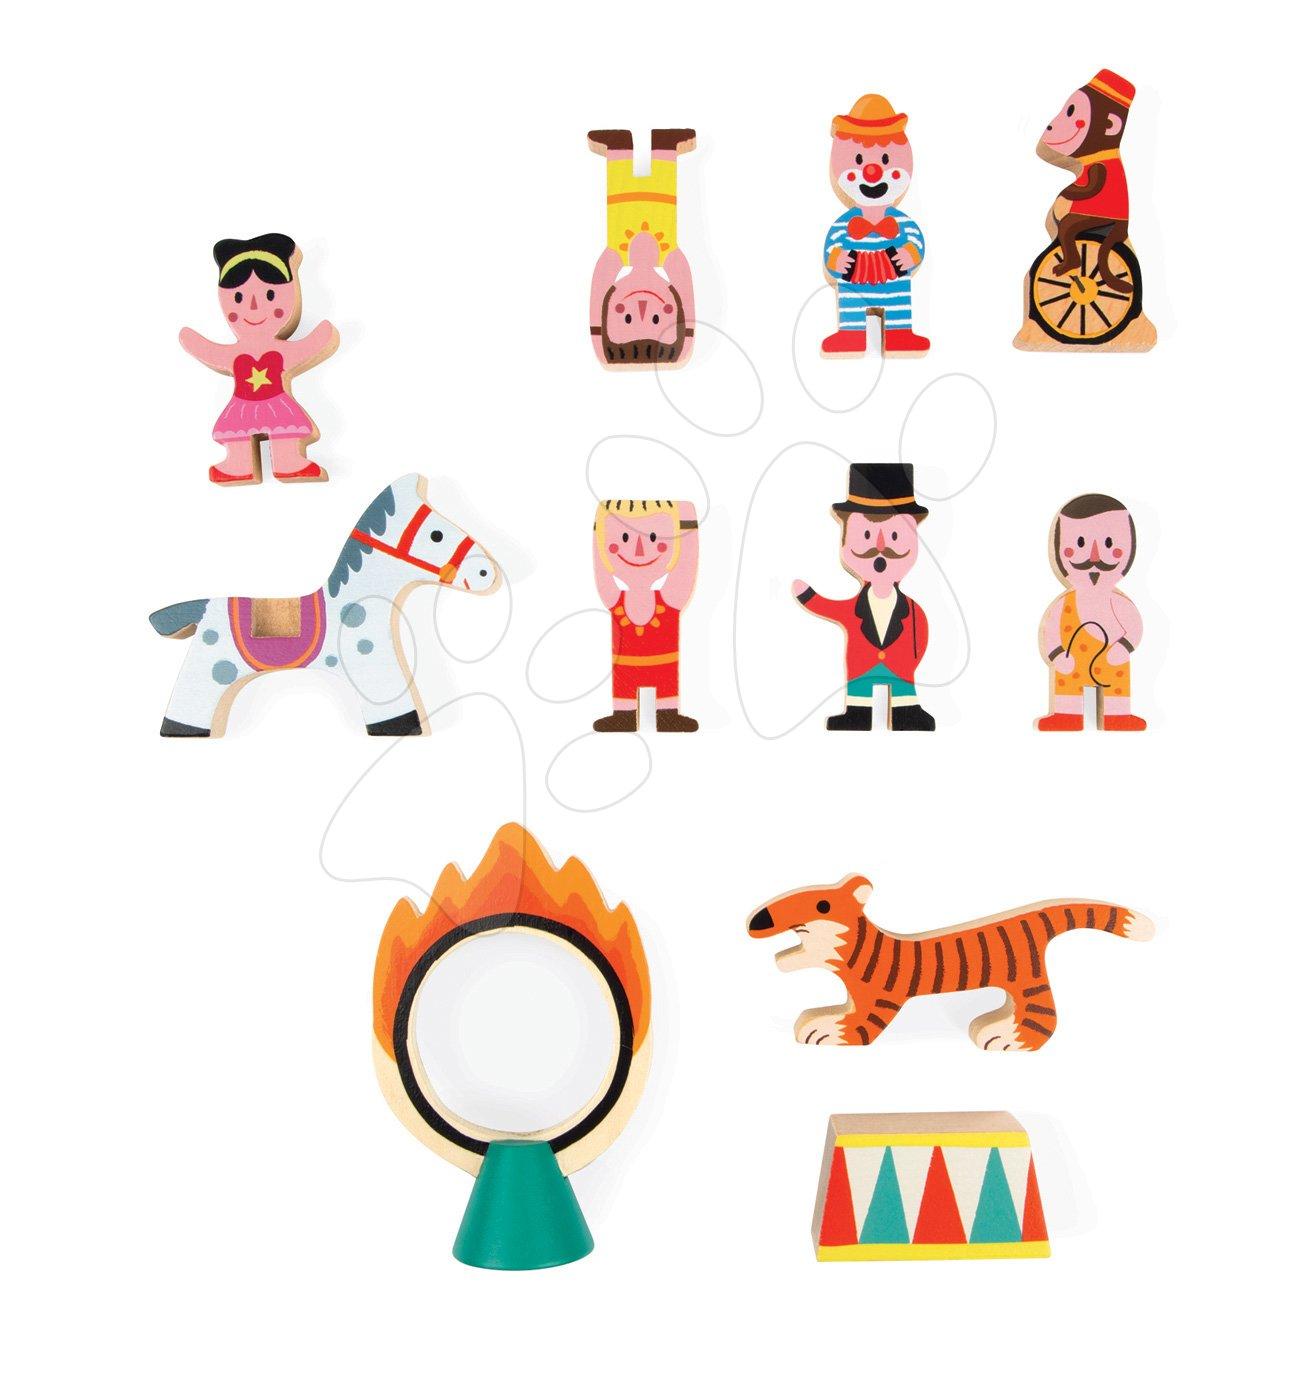 Dřevěná pohádka Cirkus a akrobaté se zvířátky Mini Story Janod se 7 postavičkami od 3 let